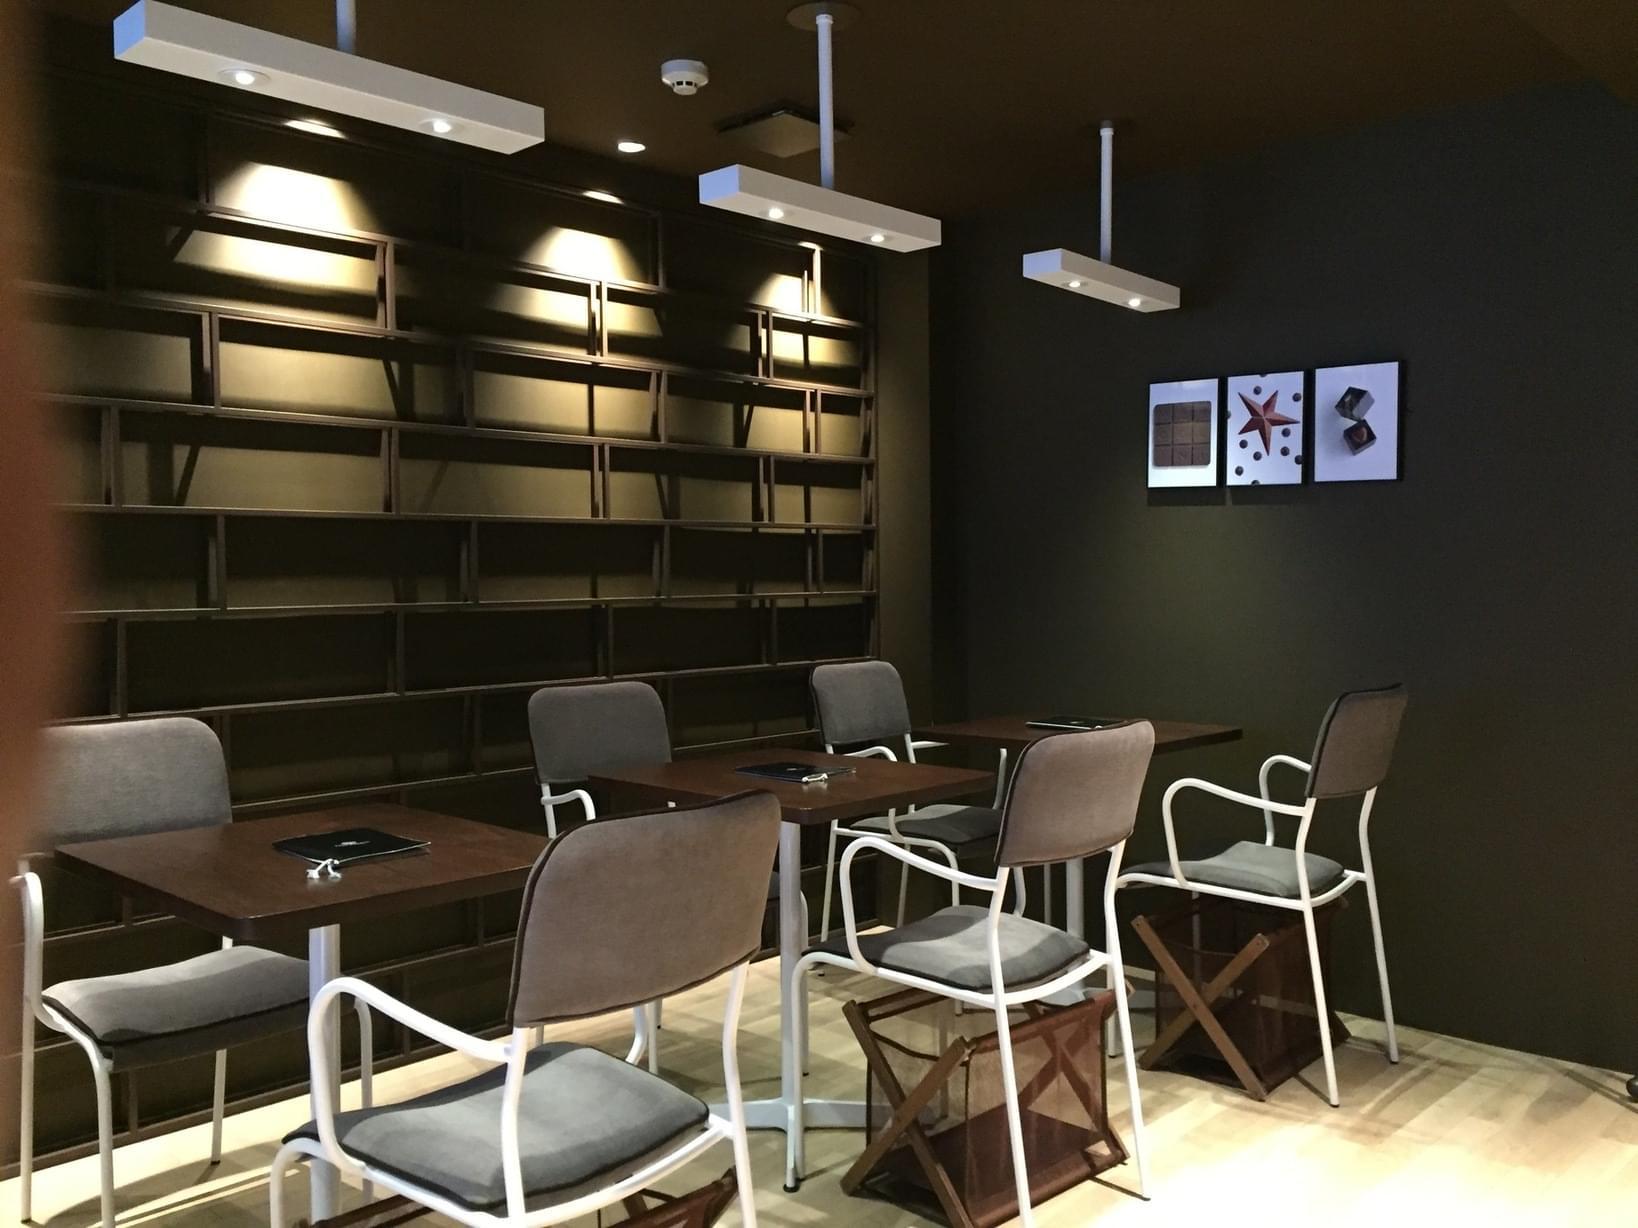 銀座・ピエールマルコリーニのカフェでホワイトデーのお返しはいかが?